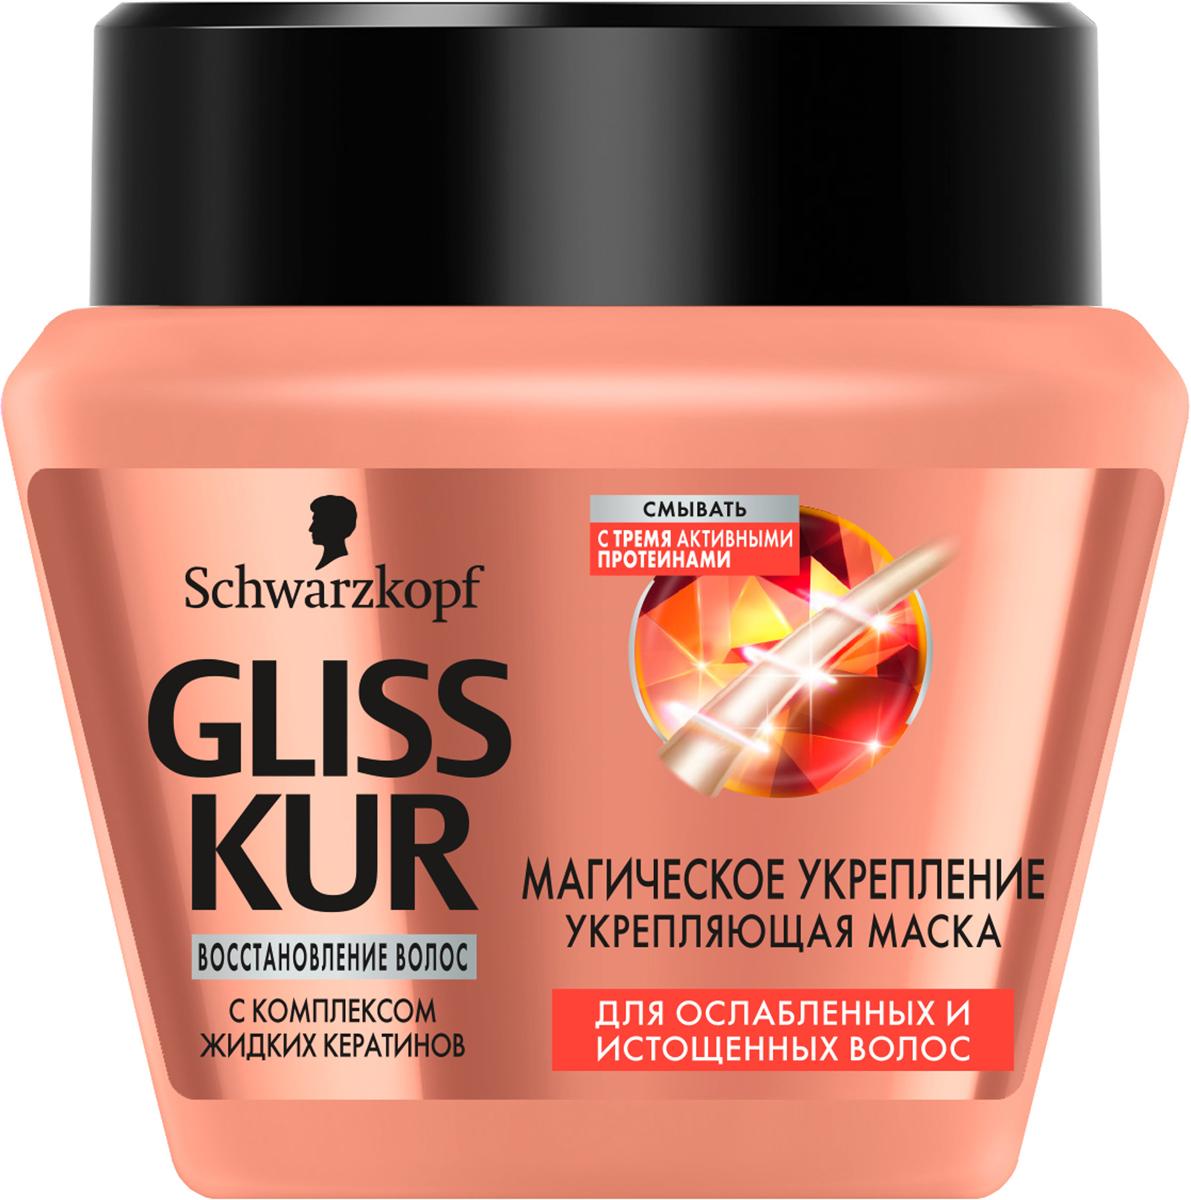 Gliss Kur Восстанавливающая маска Реновация волос, 300 мл09261969Из-за частого окрашивания и укладки волос феном и щипцами для завивки или выпрямления структурные связи между волокнами волоса разрушаются, и волосы теряют здоровый вид. Революционная формула** GLISS KUR с технологией OMEGAPLEX проникает внутрь волоса и